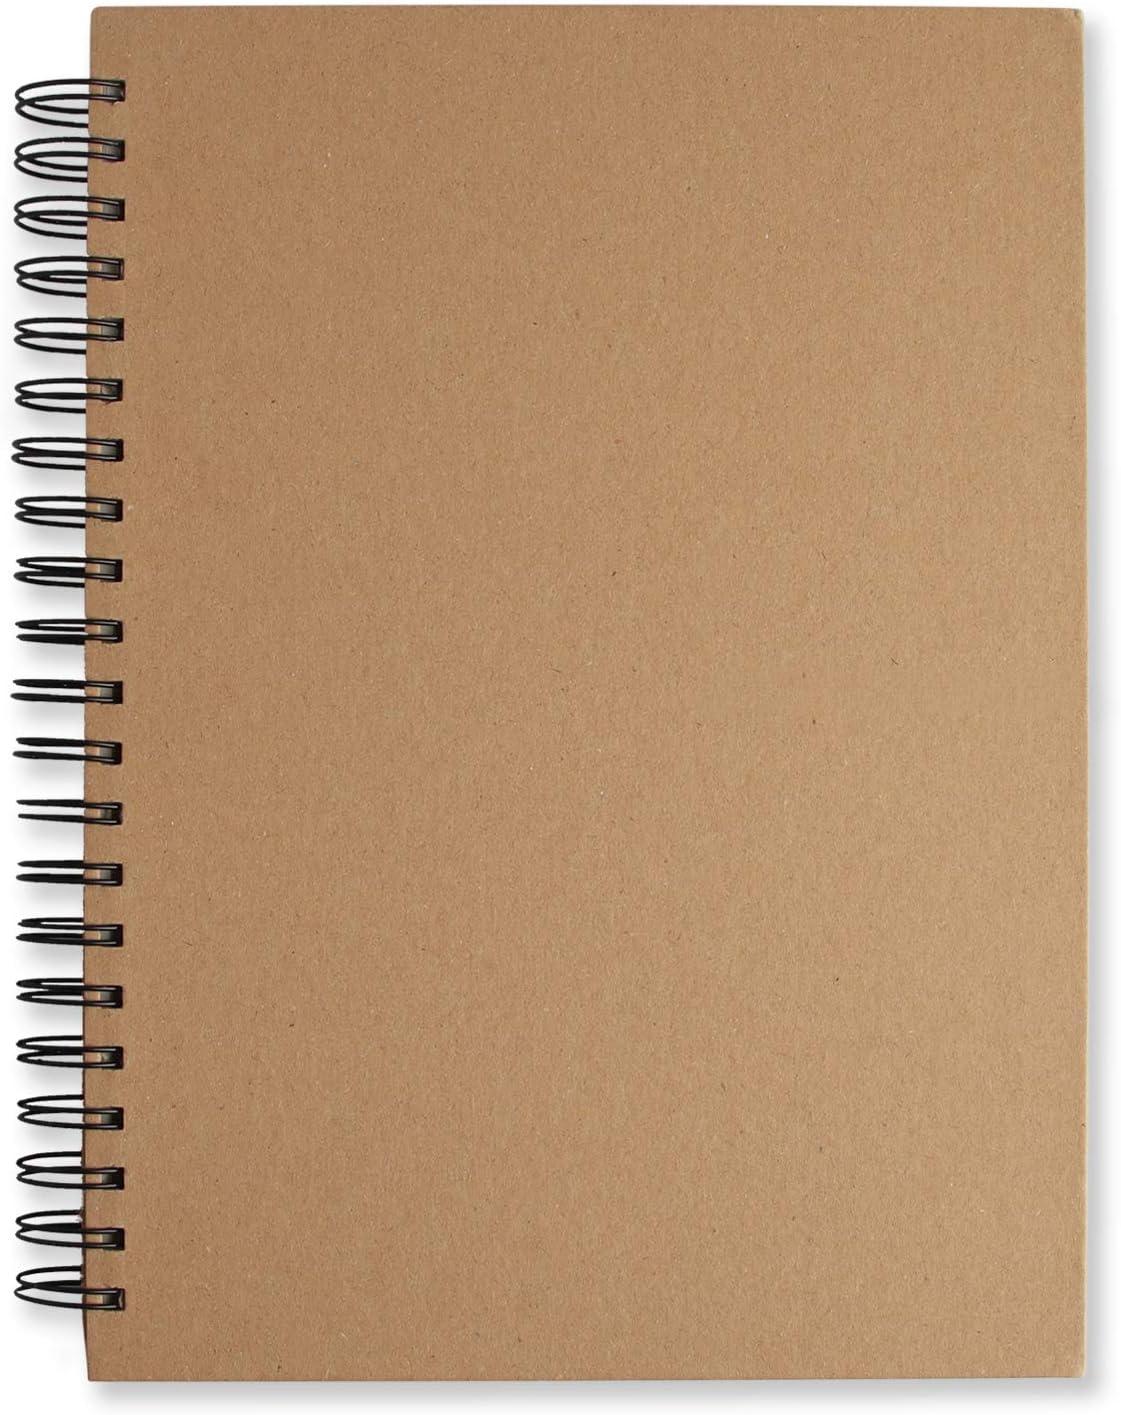 Carnet de Croquis Papier A4 Avec Reliure Spirale Double et Couverture Rigide 60 Feuilles 120 Pages Utilis/é Pour le Dessin Croquis Papier Blanc Sans Acide Dessin 110 g // m/² Cahier de Dessin